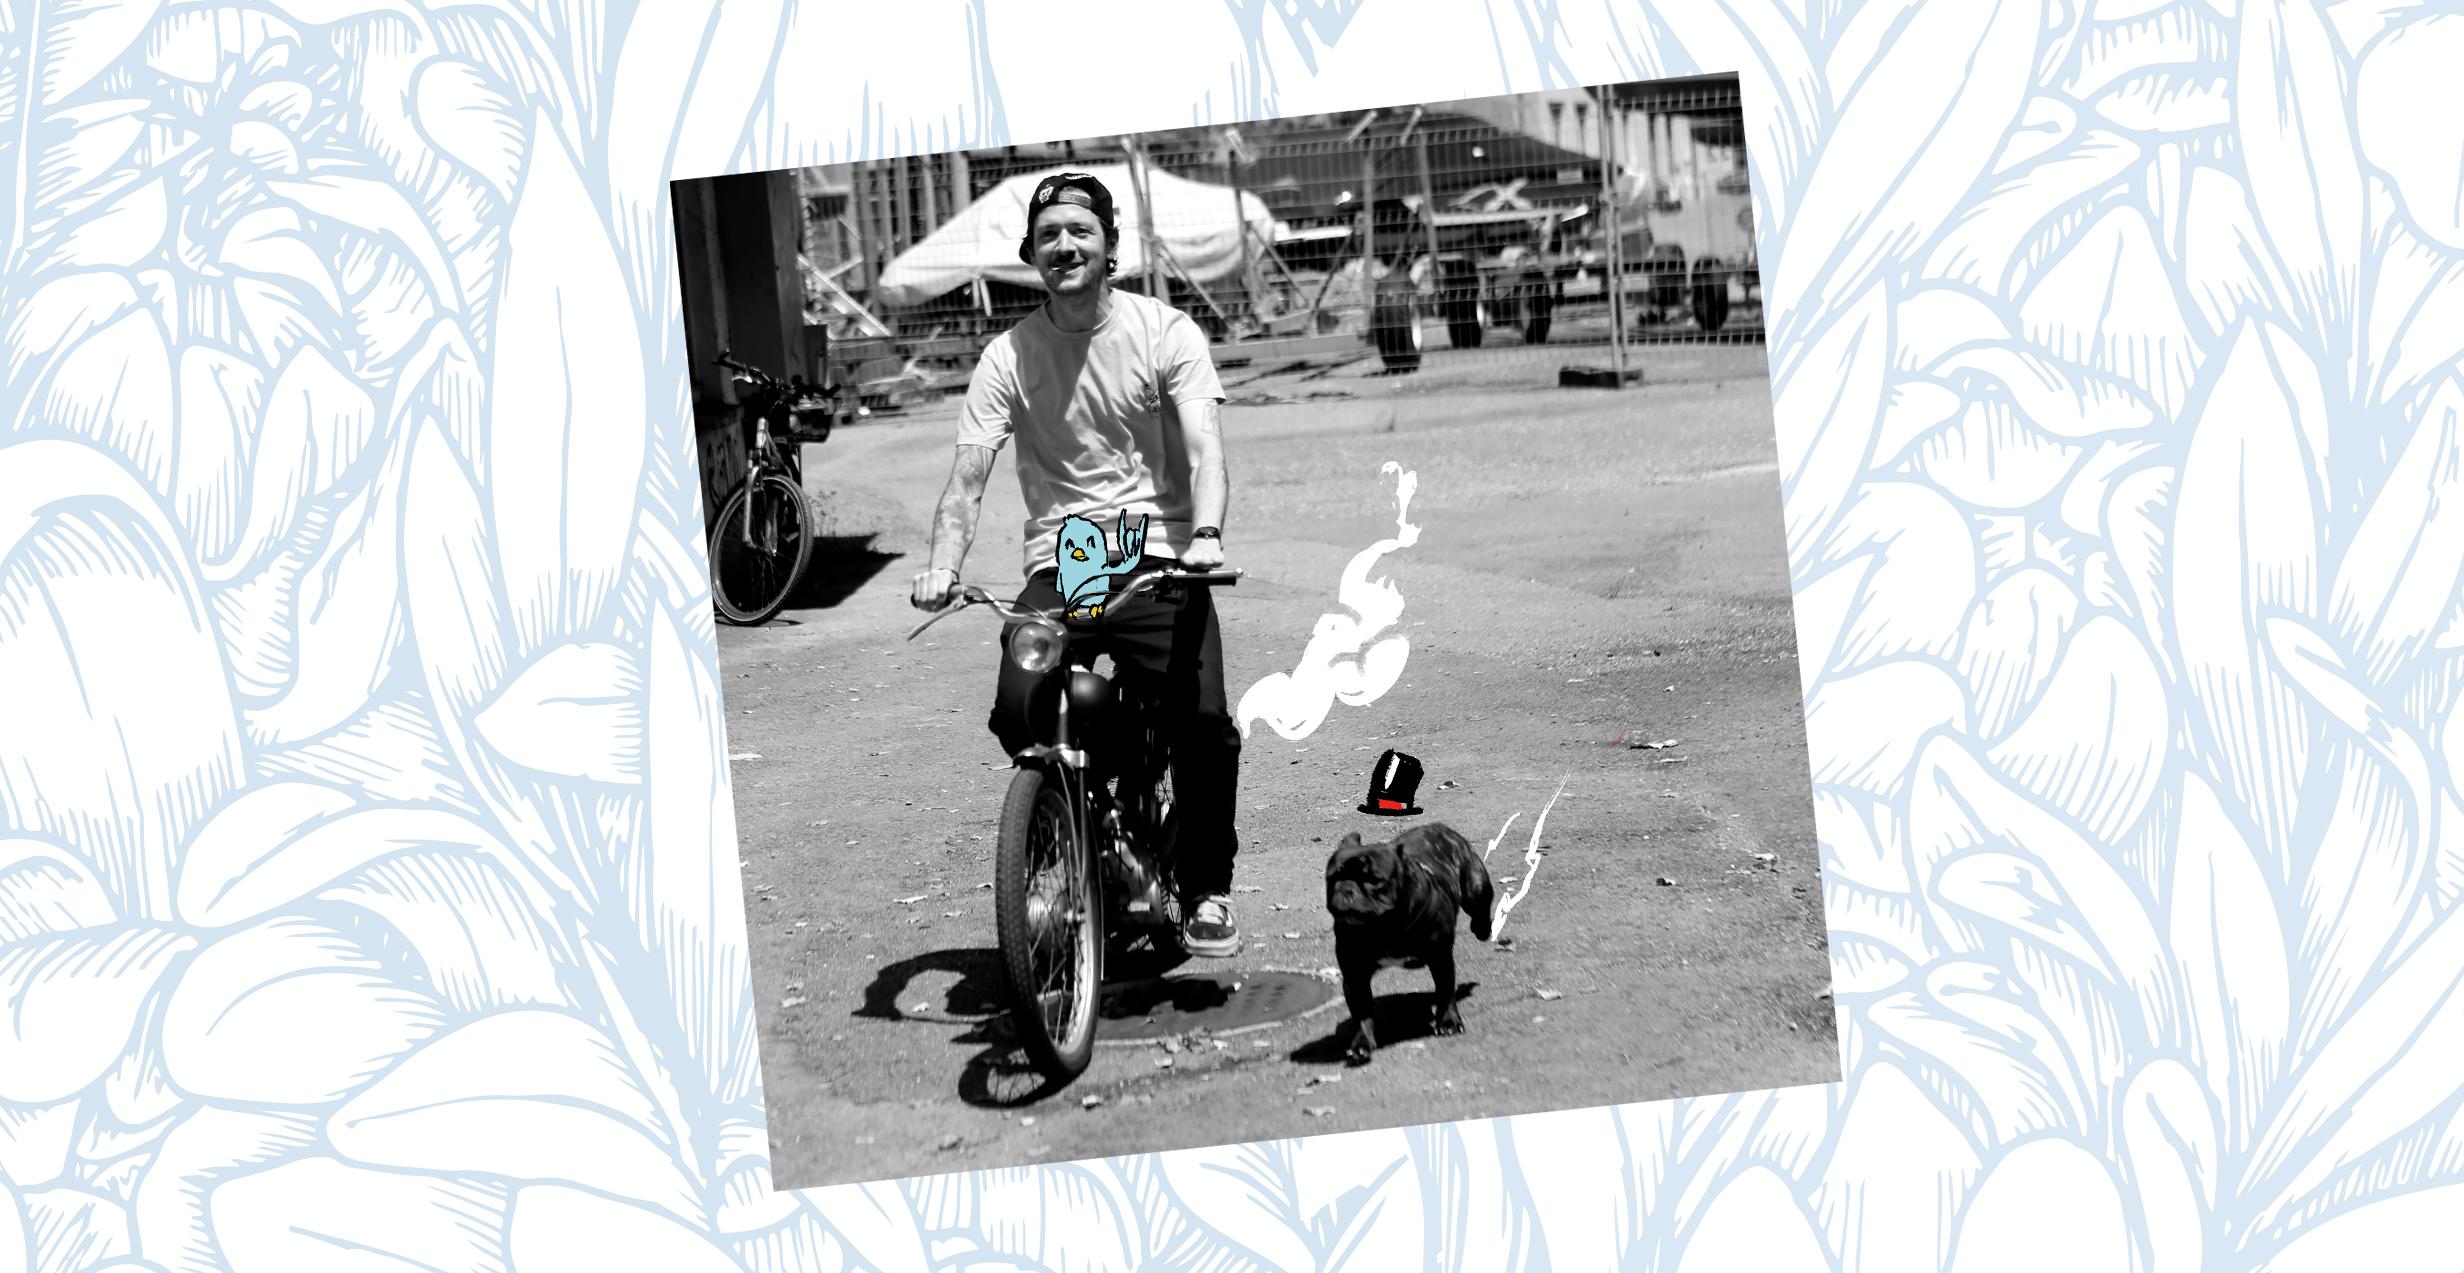 soulblog_designerportrait_nepal_Linus-von-Moos_Bild-2